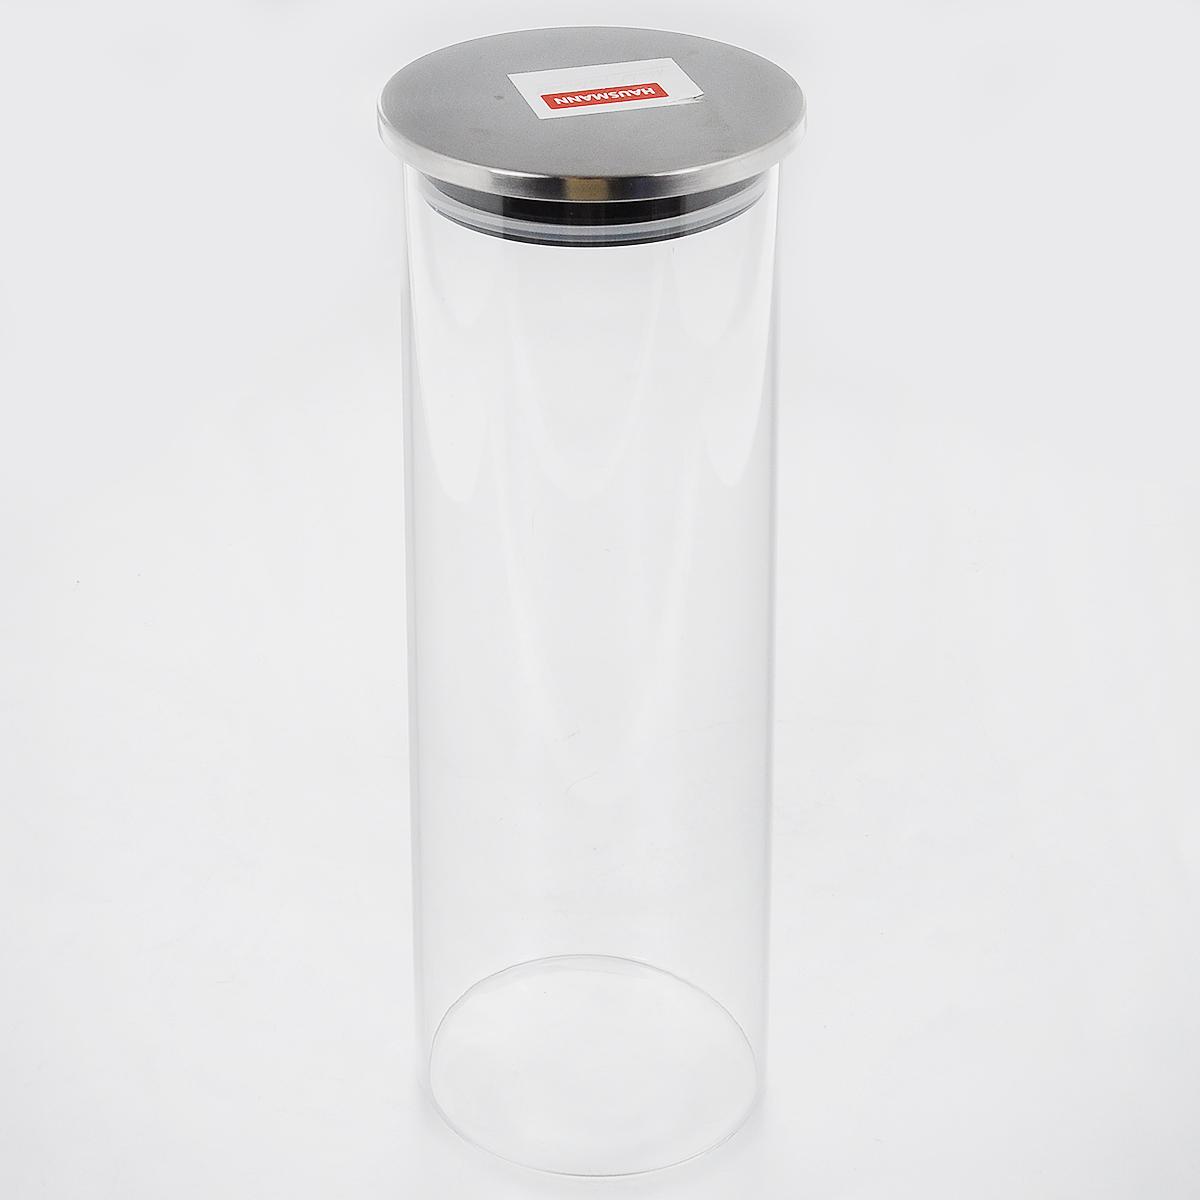 Емкость для хранения Hausmann, 1,59 лVT-1520(SR)Емкость для хранения Hausmann изготовлена из высококачественного стекла. Изделие оснащено герметичной металлической крышкой. Благодаря уплотнительной резинке, крышка плотно закрывается, дольше сохраняя продукты свежими и ароматными. Изделие прекрасно подходит для хранения круп, спагетти, чая, кофе, сахара, орехов и других сыпучих продуктов. Подходит для мытья в посудомоечной машине.